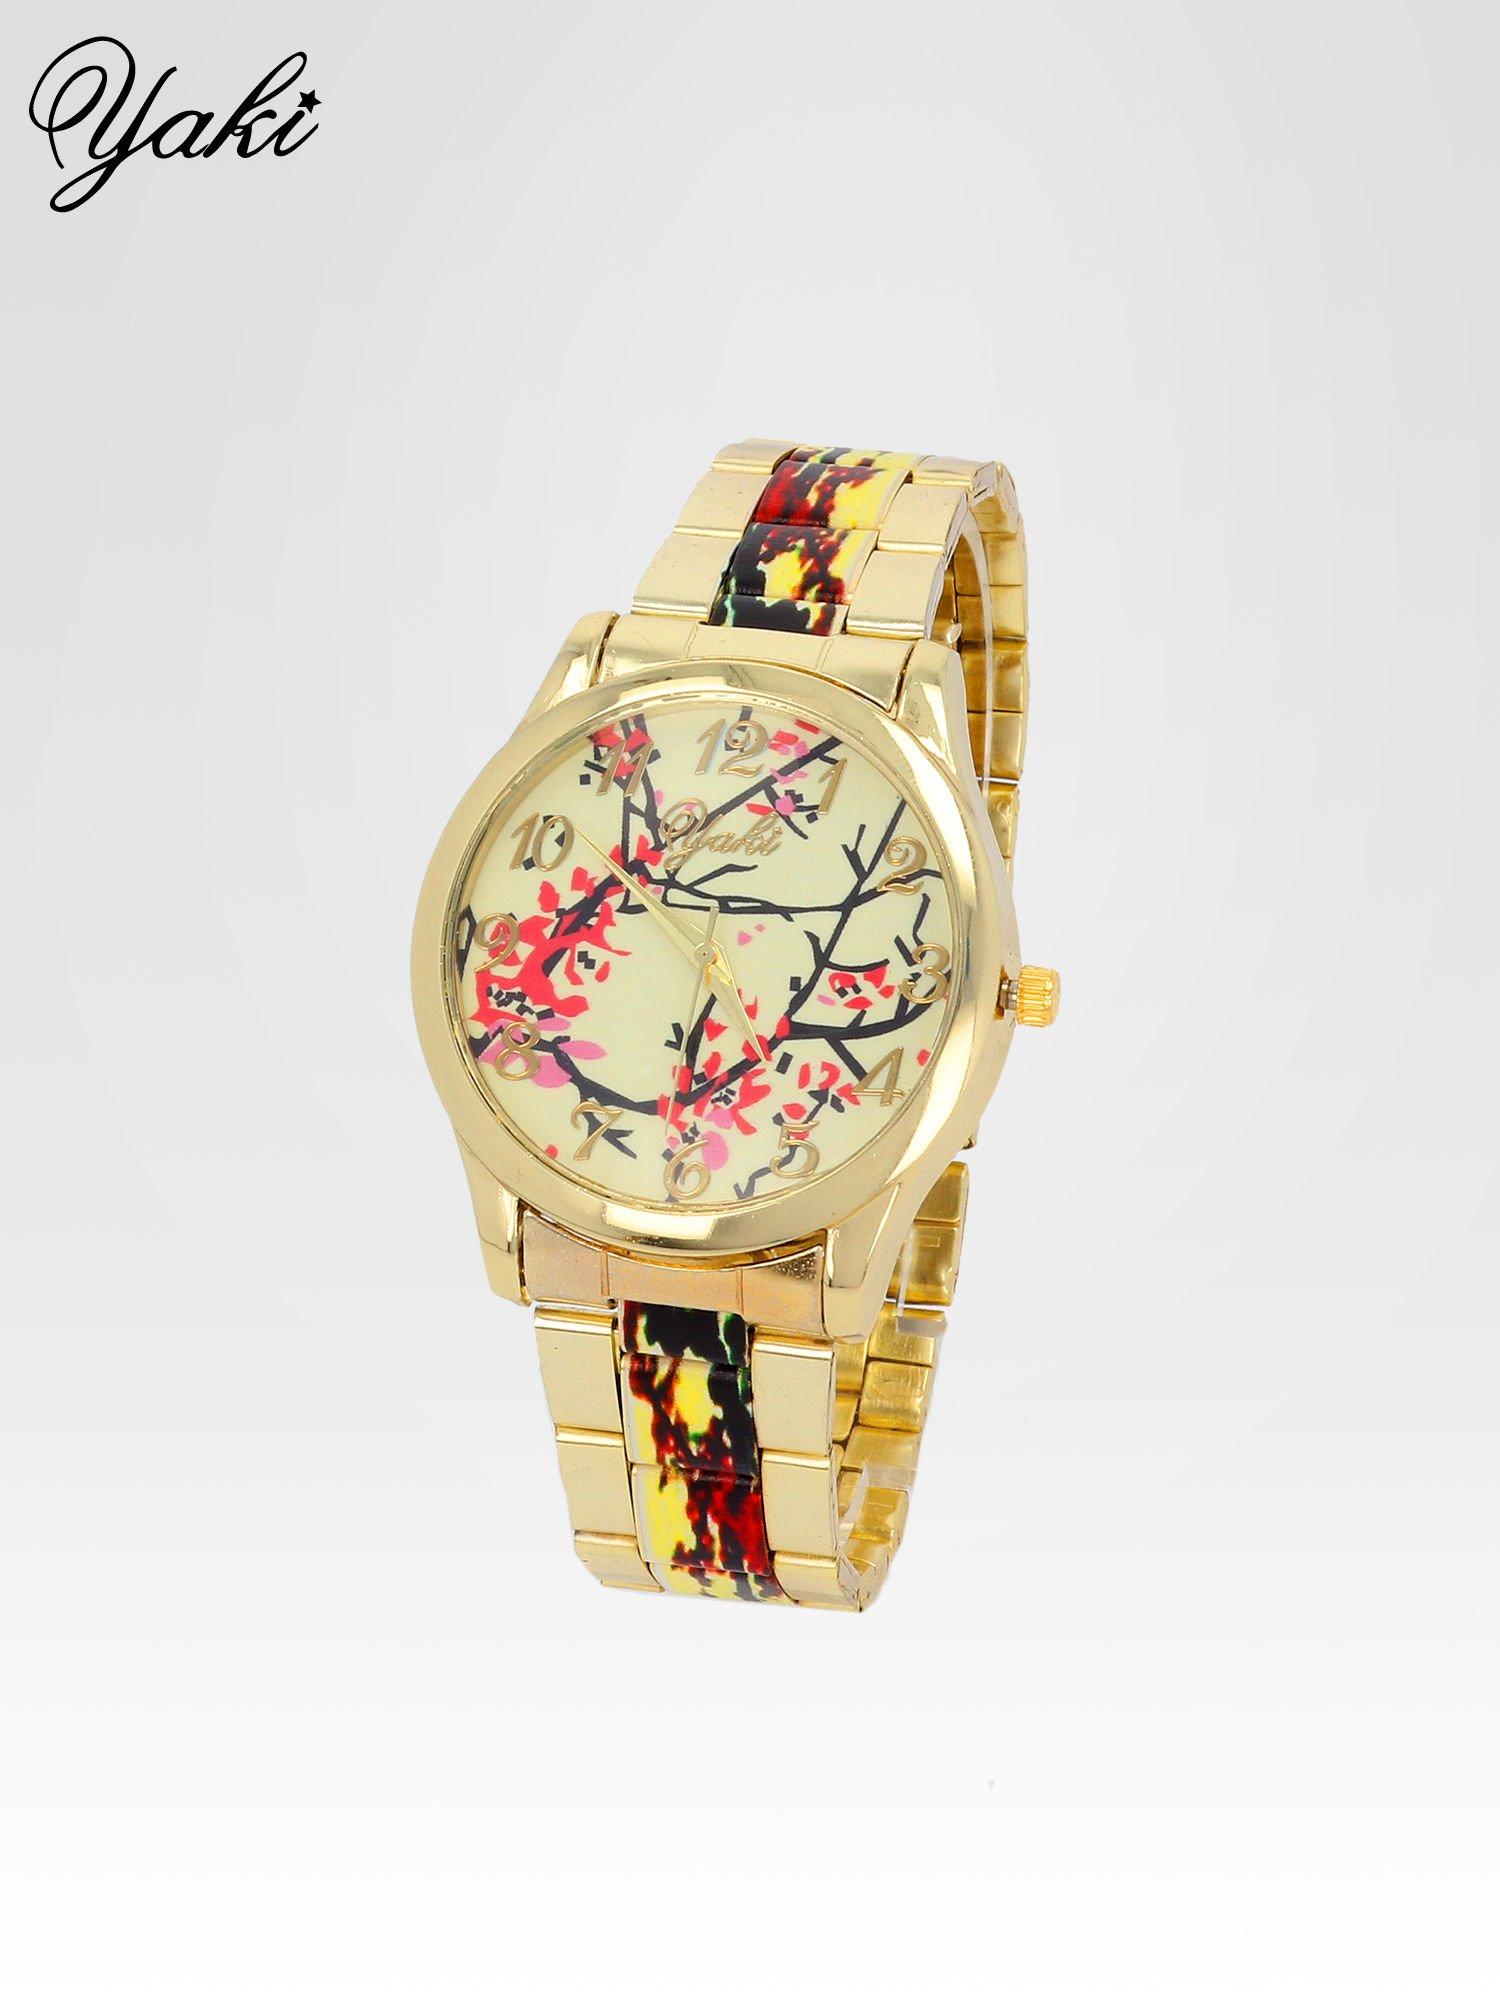 Złoty zegarek damski na bransolecie z motywem roślinnym                                  zdj.                                  2